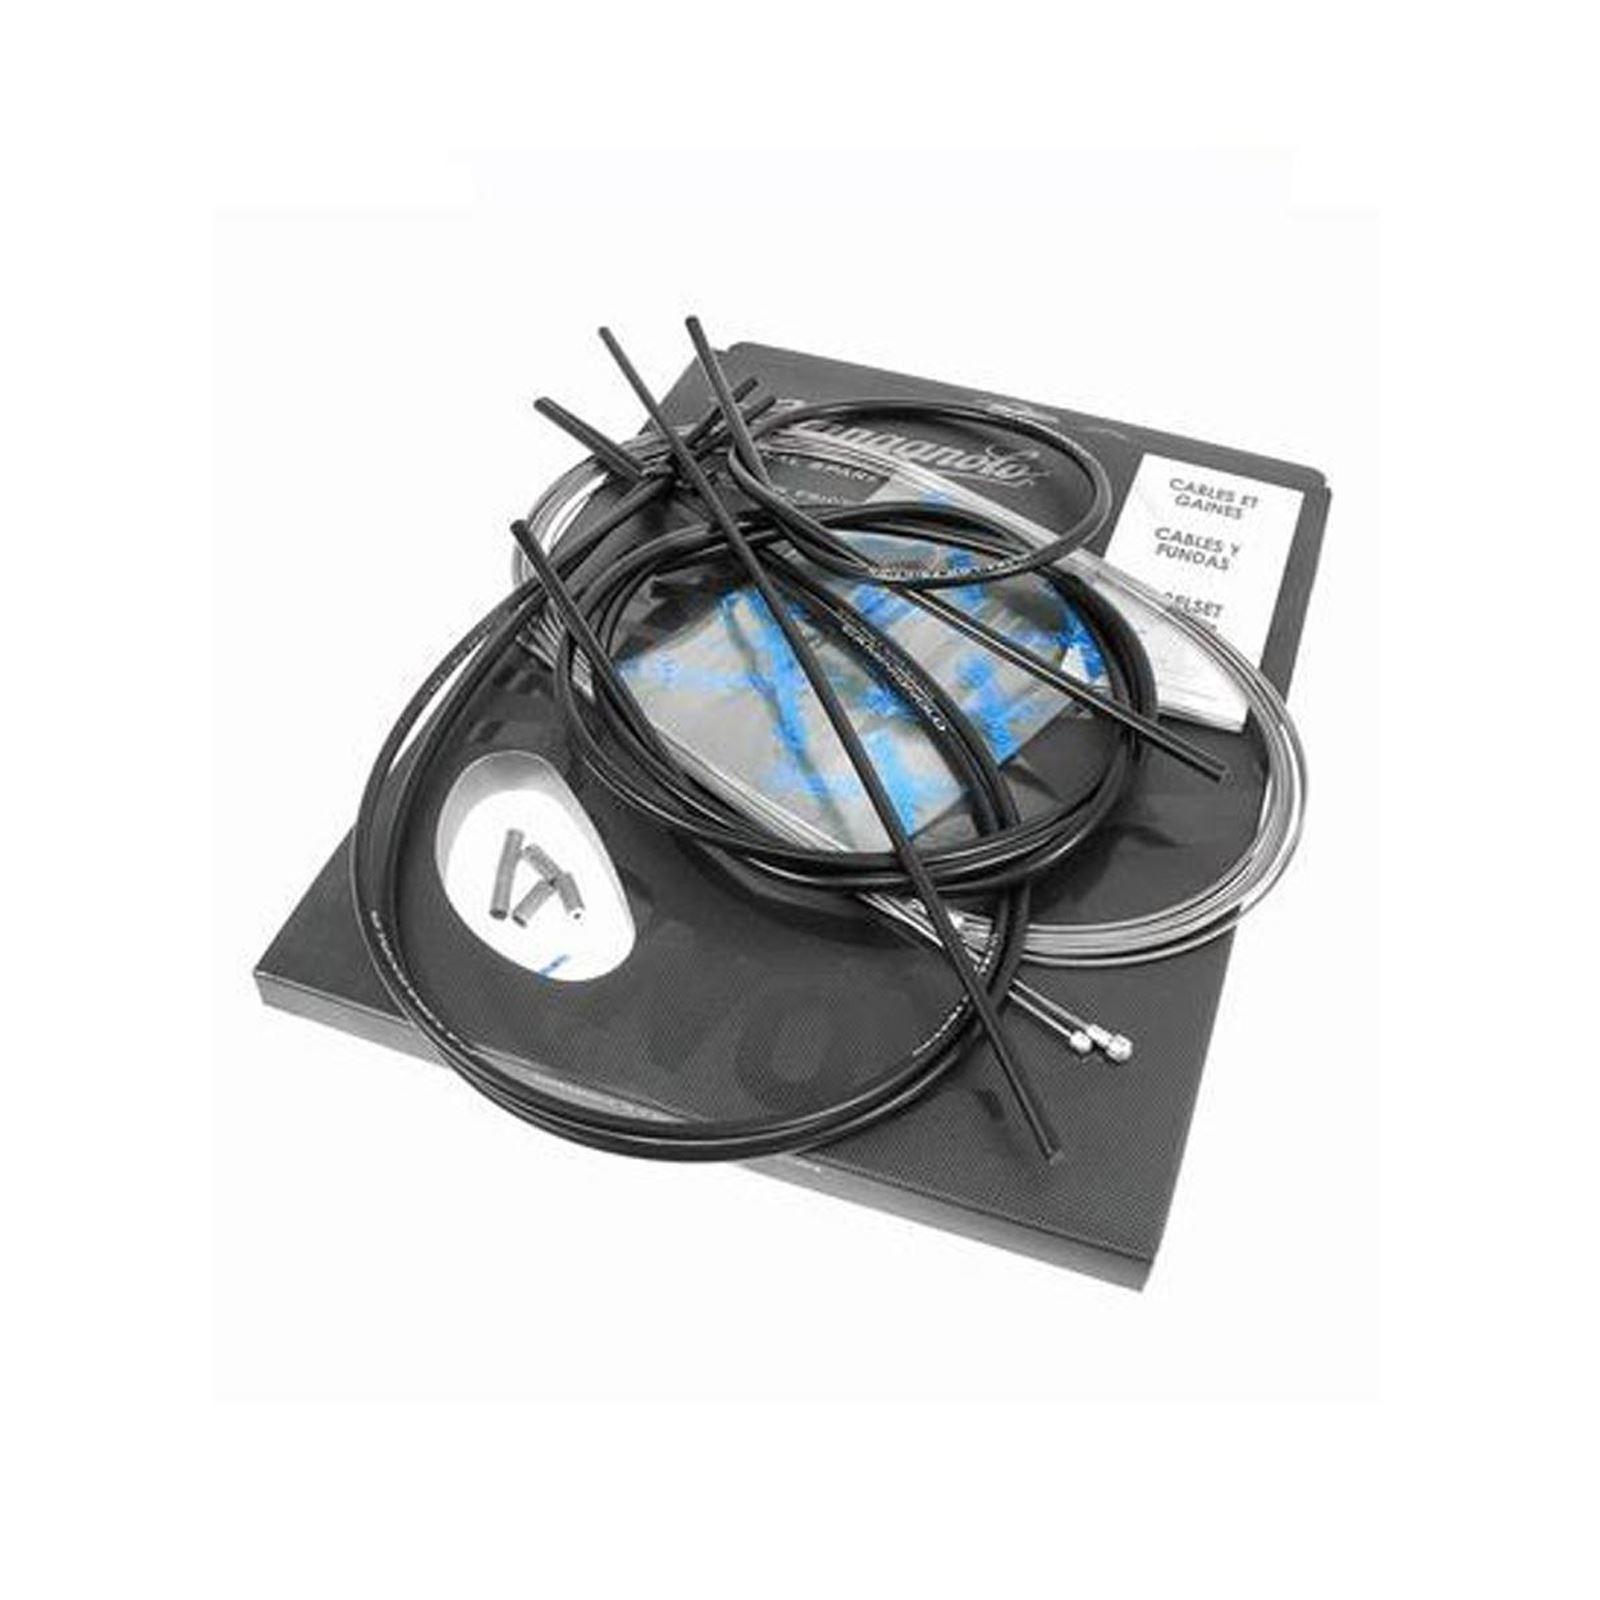 2x Campagnolo Schaltzug CG-CB009Ergopower Ultrashift Schaltkabel 1.2 x 2000mm